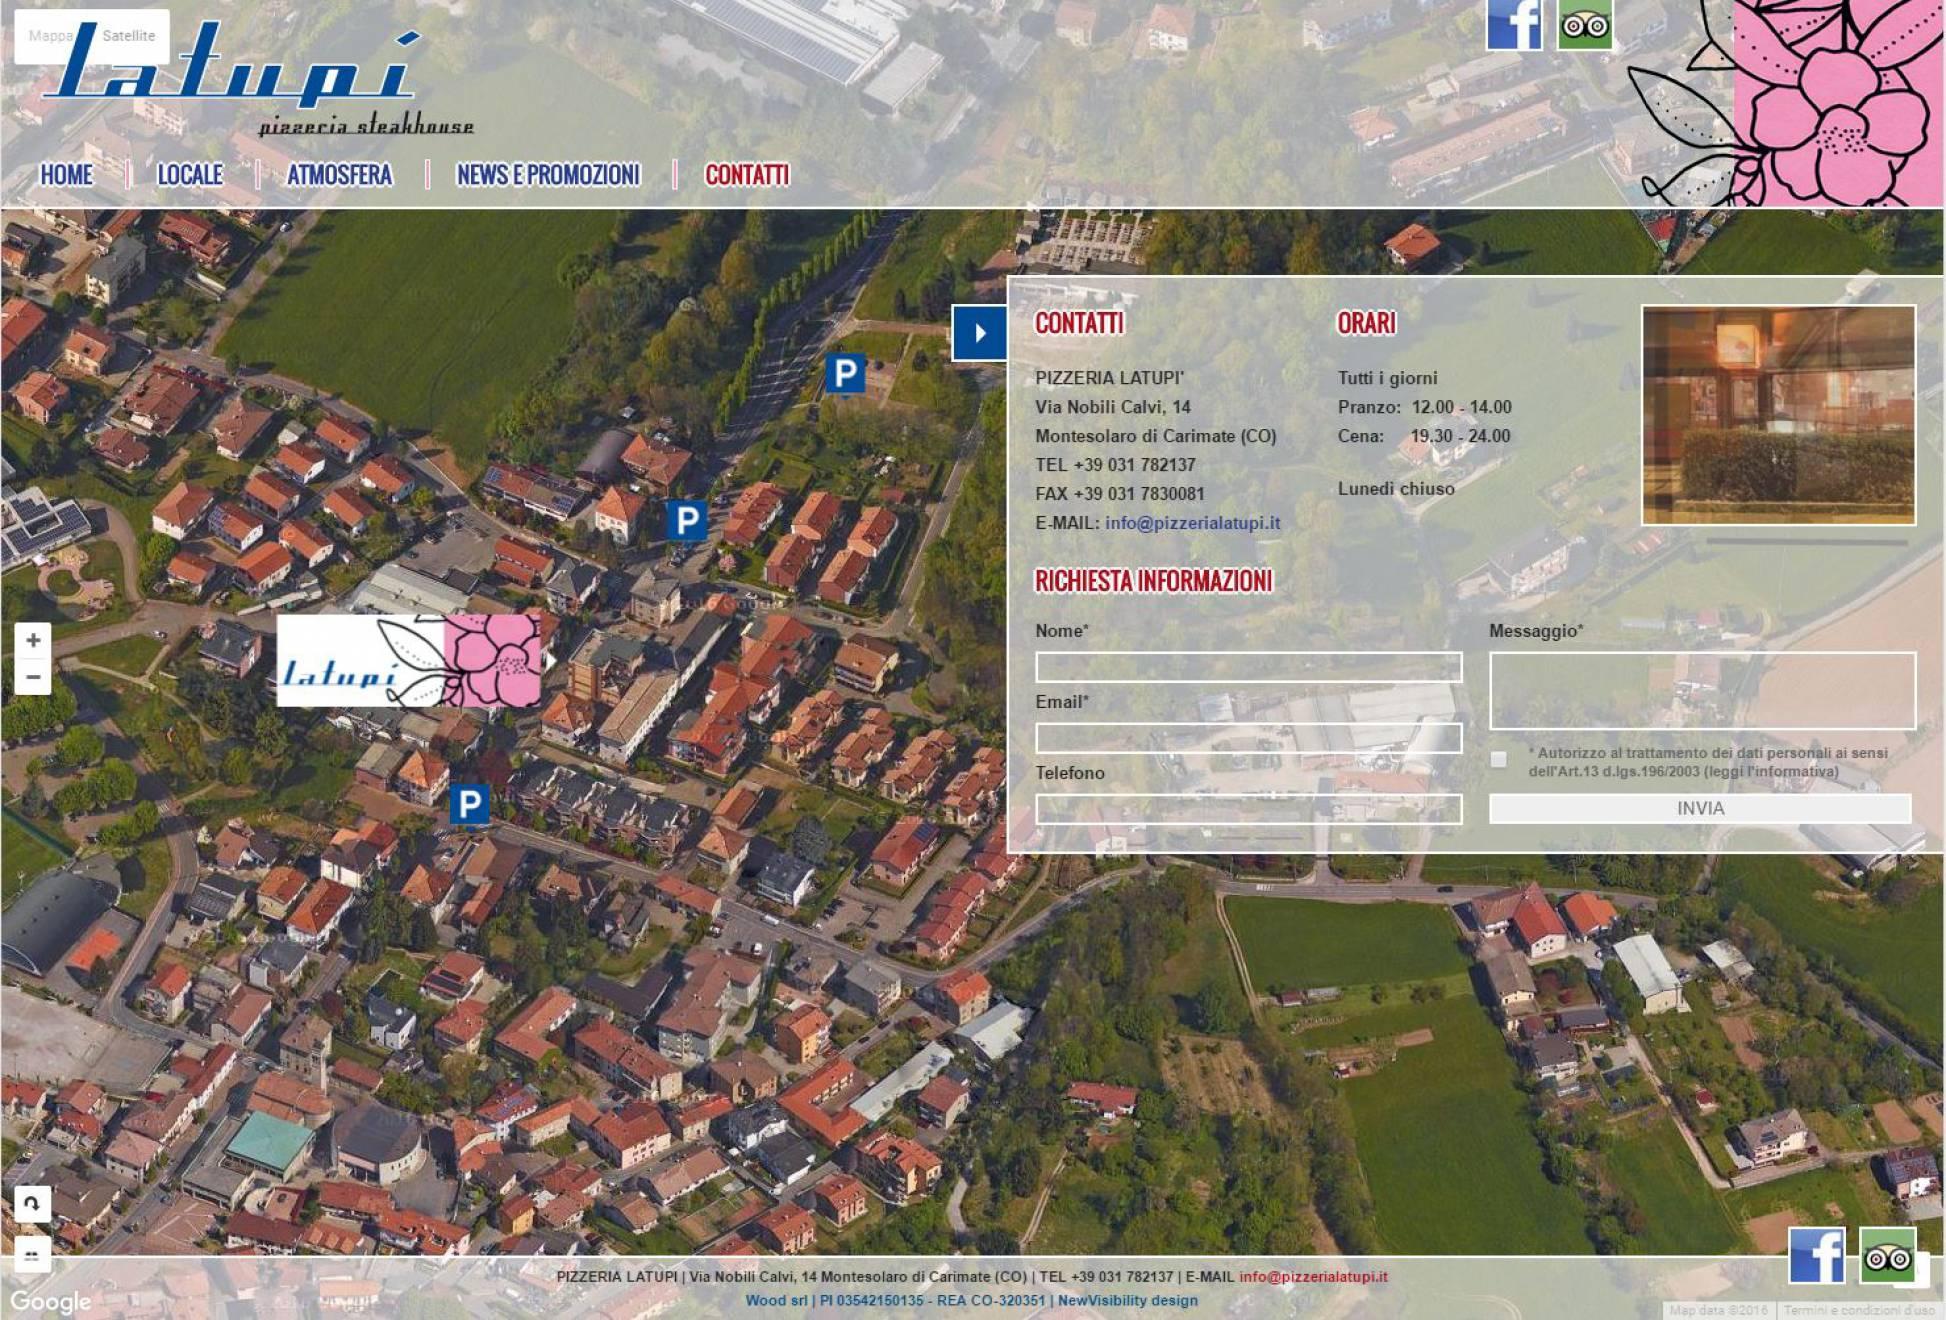 Contatti mappa aerea sito internet responsive La Tupì